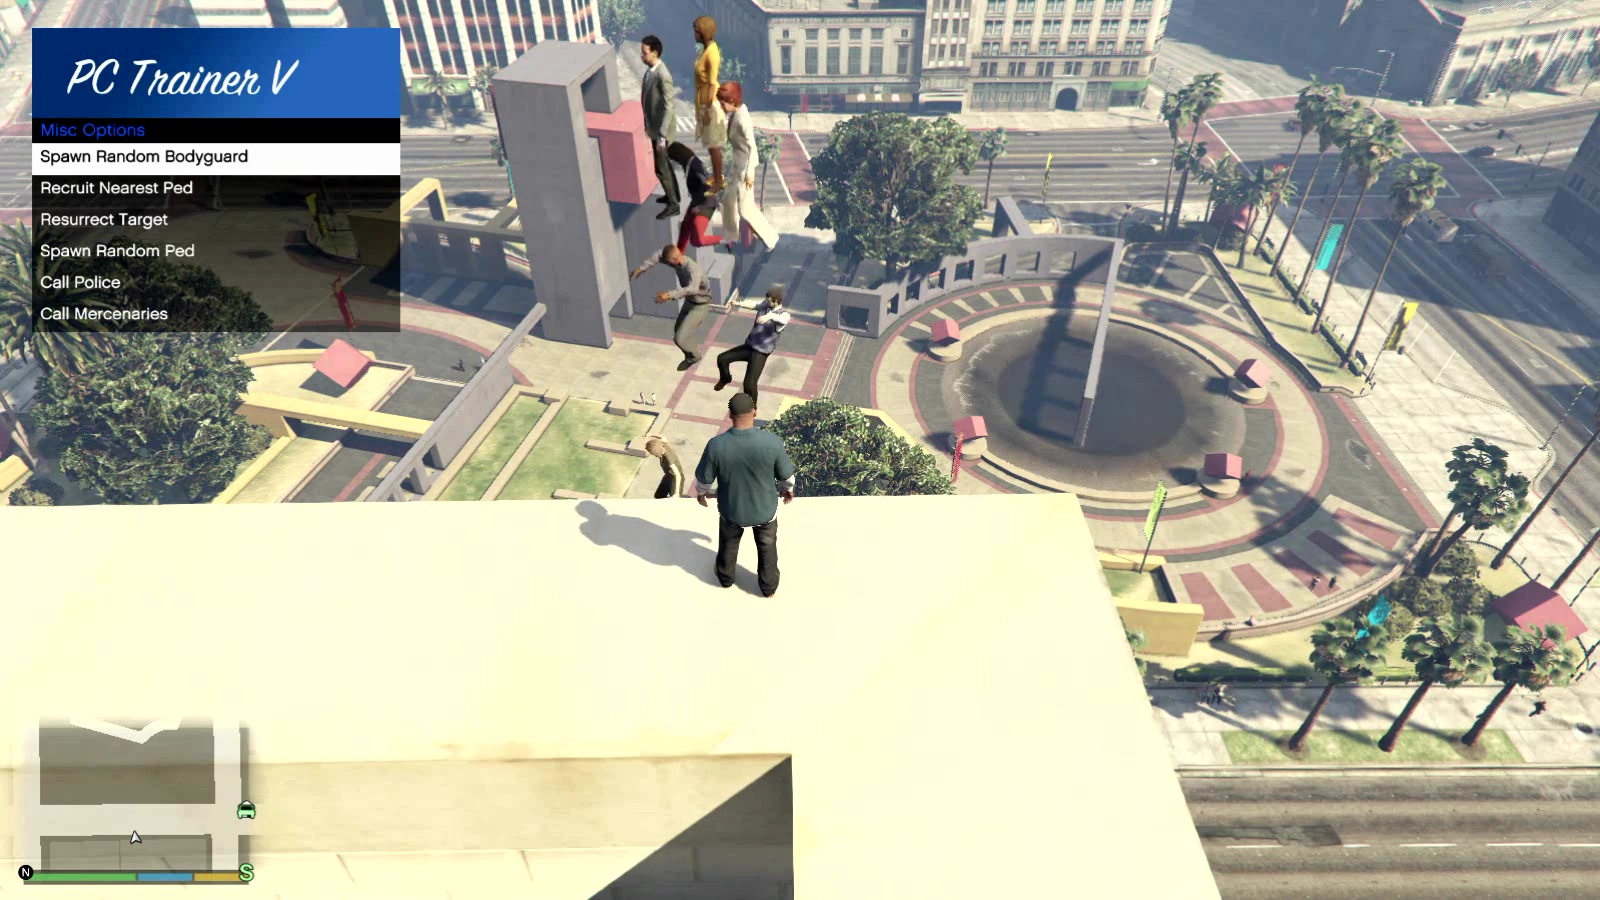 Mod GTA 5 - Bất tử full xe, vũ khí, full đạn, dịch chuyển, xóa tội